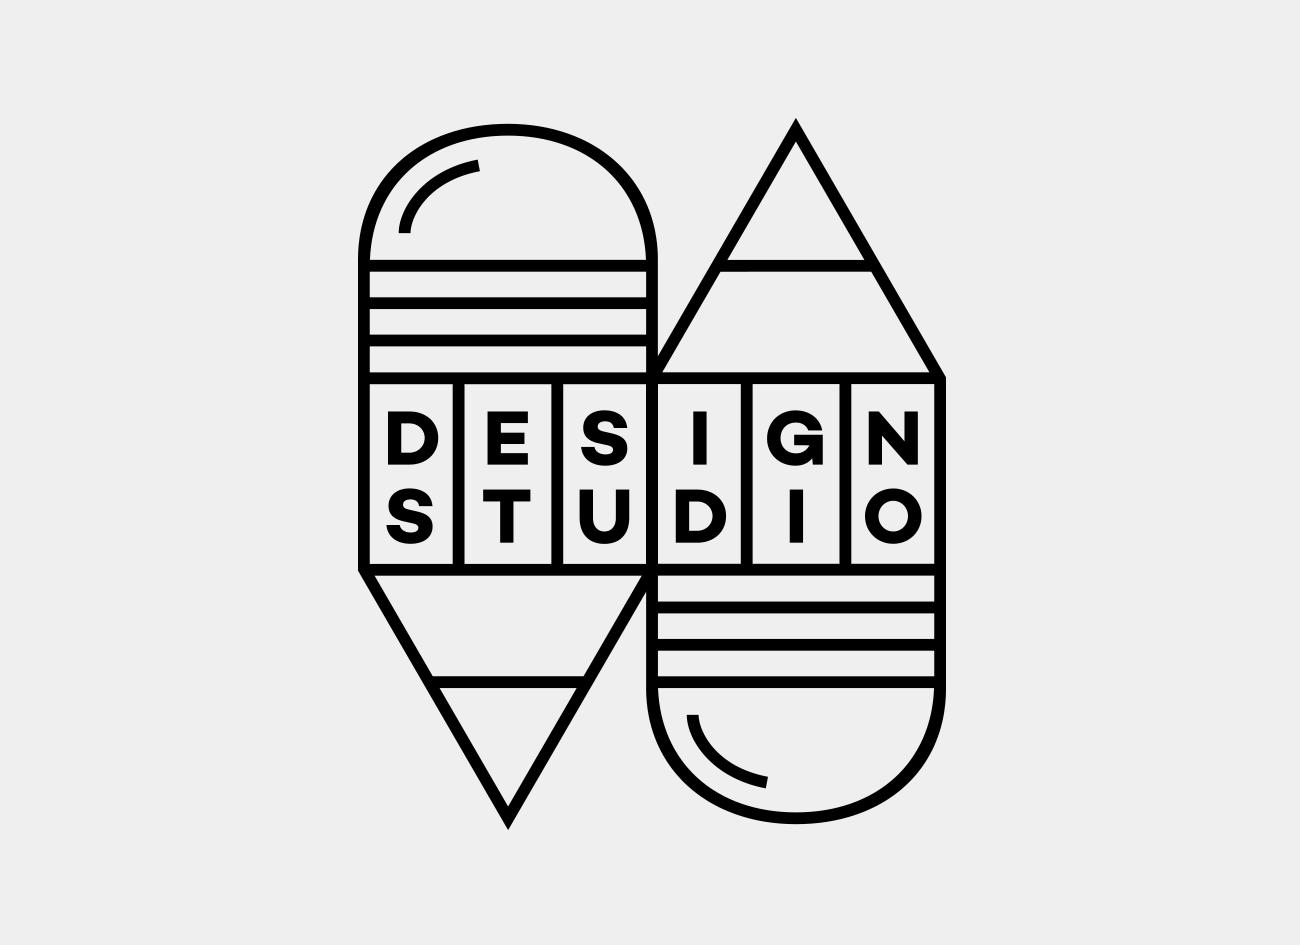 Diseño gráfico y de identidad corporativa en InPut Creativity